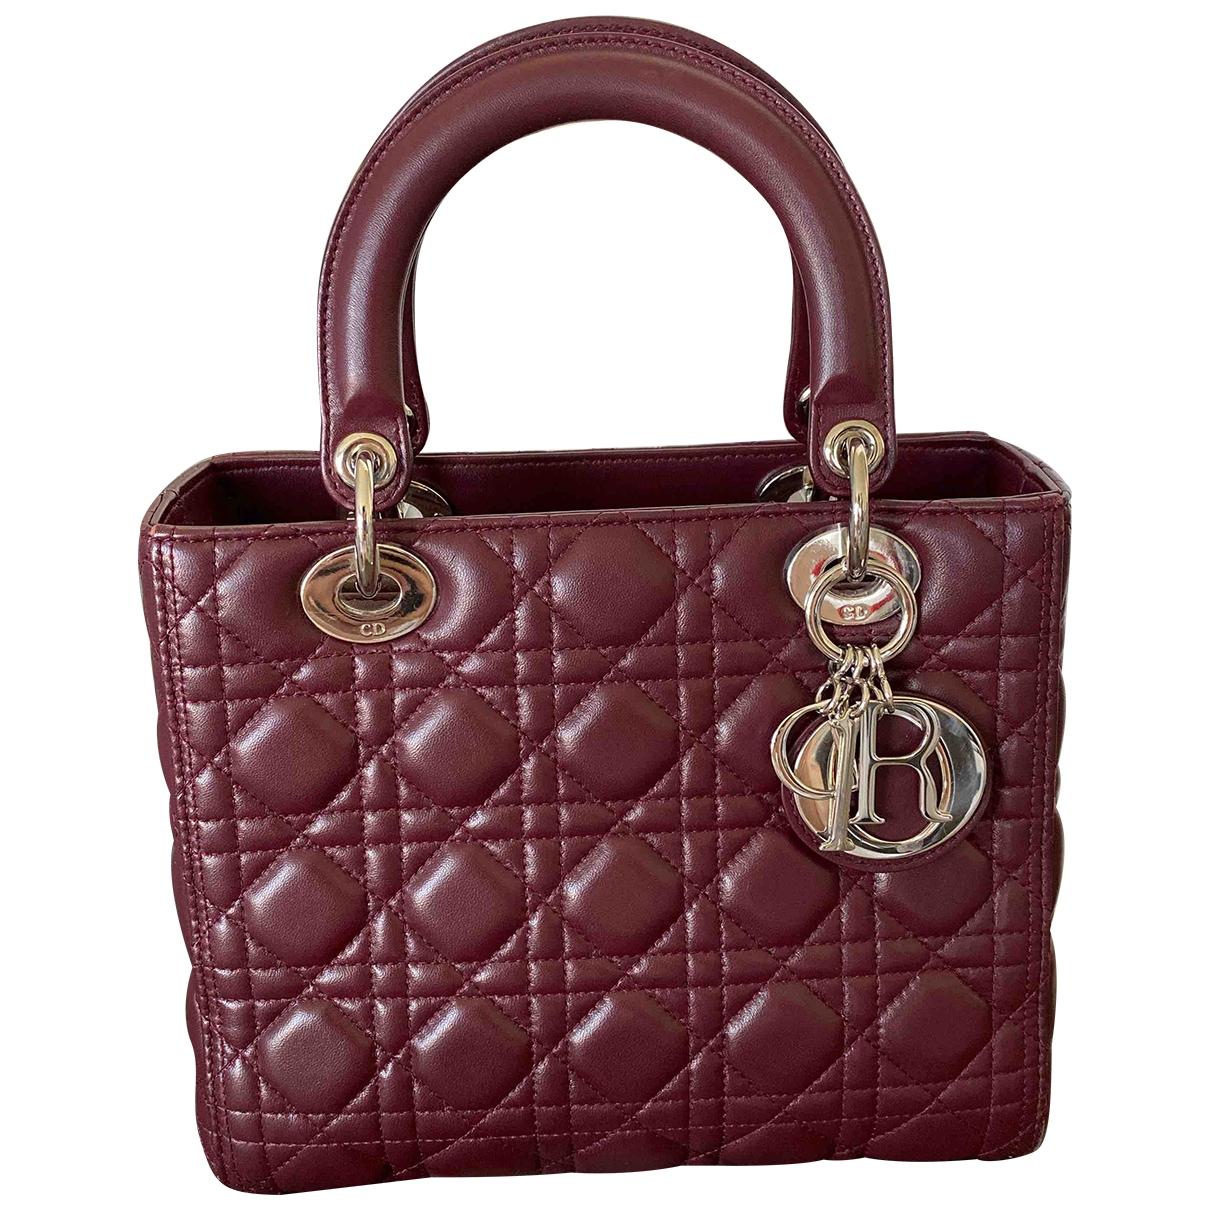 Dior Lady Dior Handtasche in  Bordeauxrot Leder